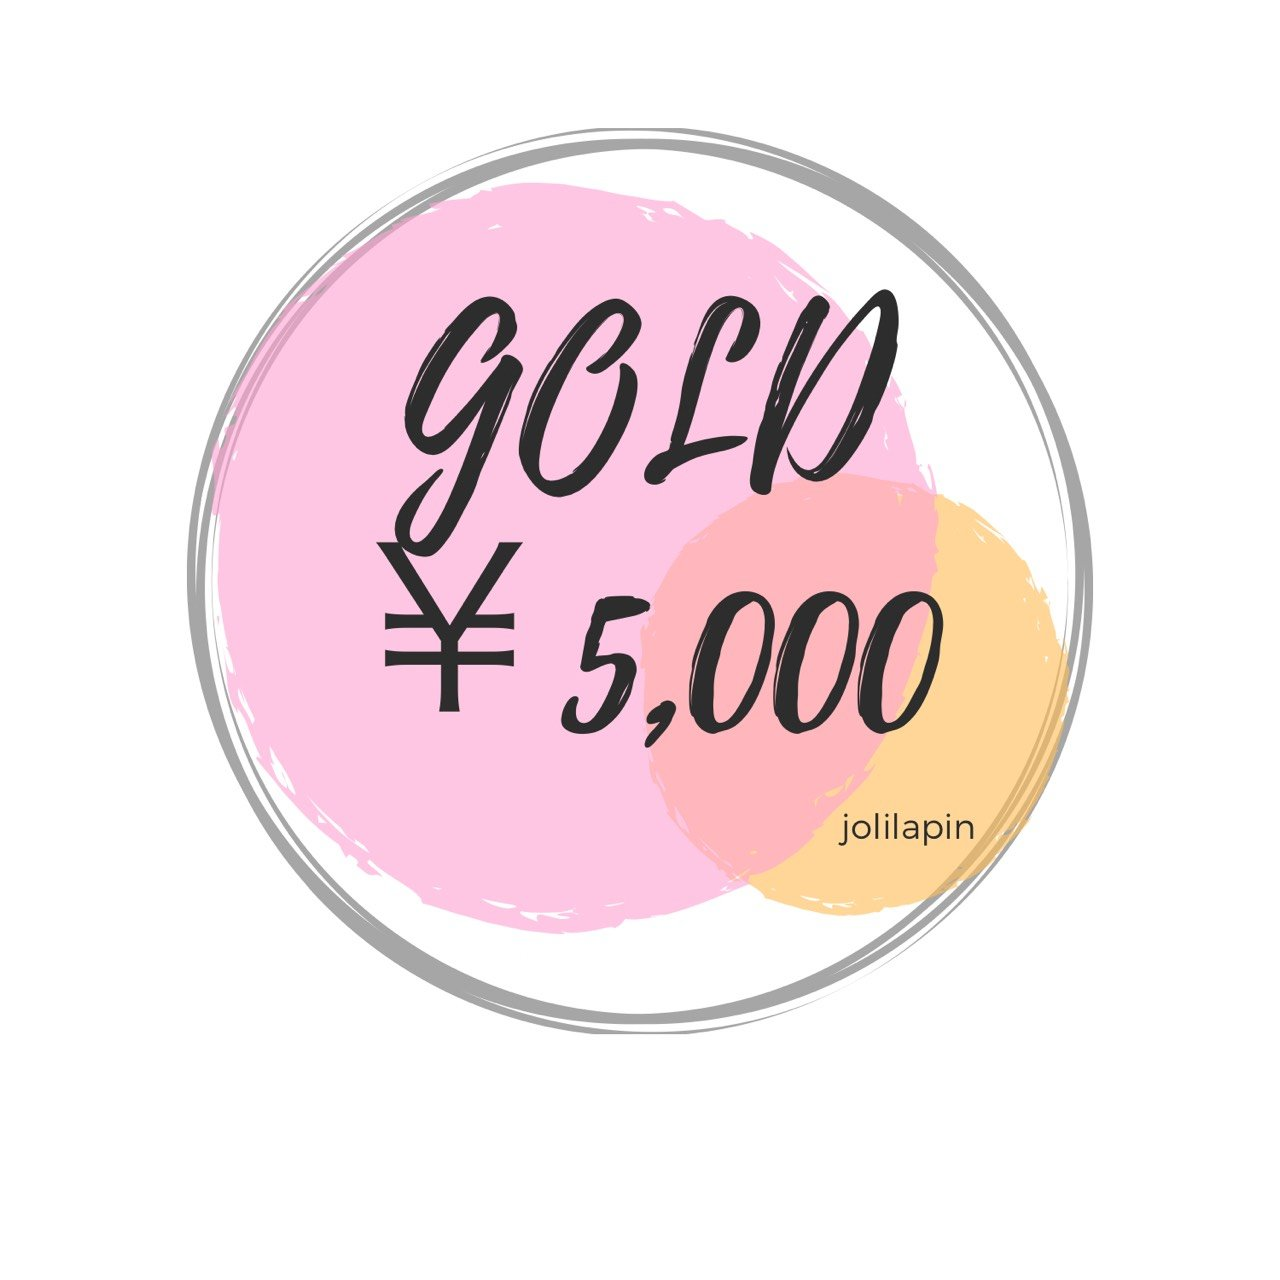 ジョリラパン専用金券☆¥5,000☆のイメージその1